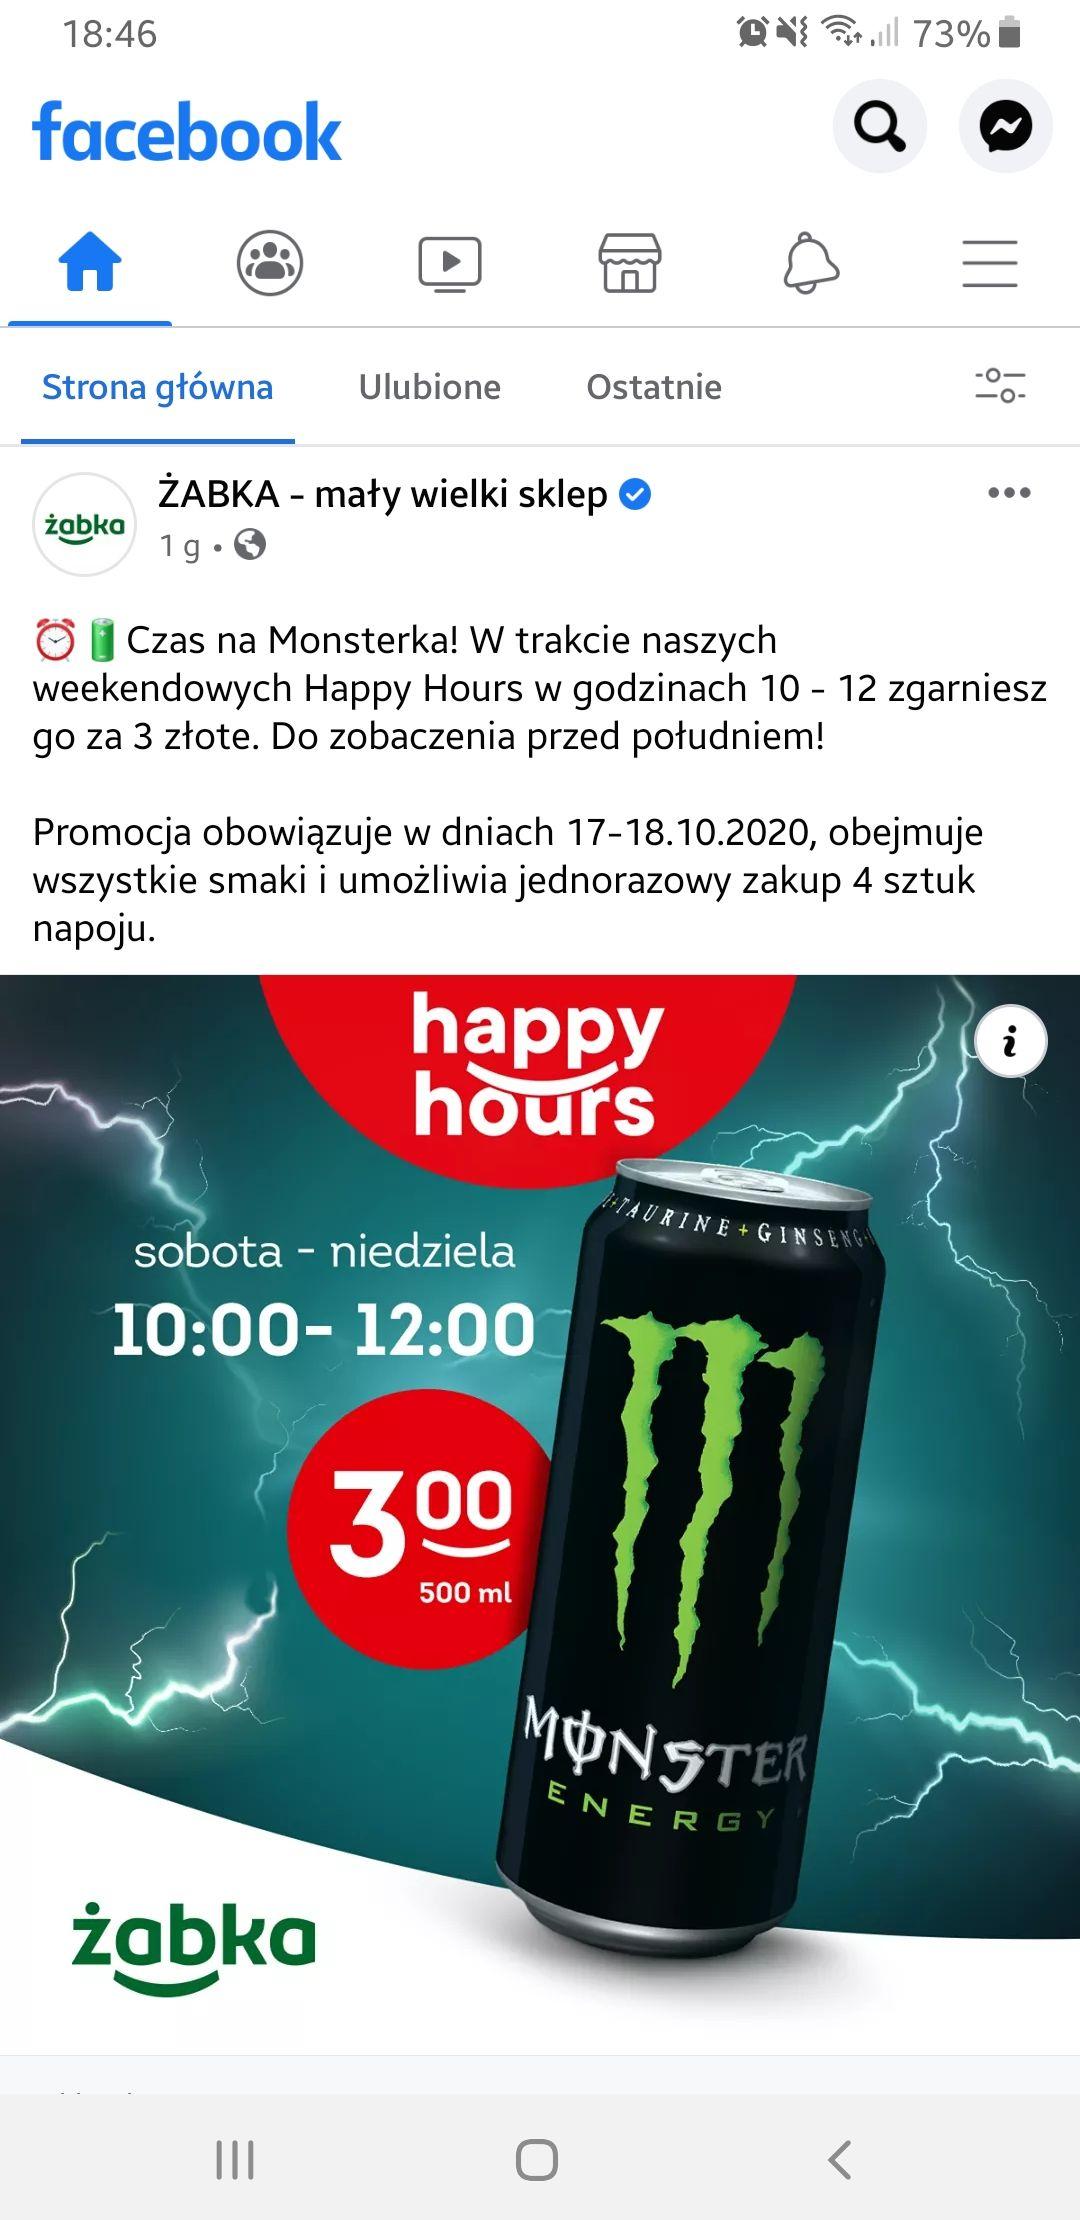 Monster Energy Drink (cała linia) za 3 zł w godzinach 10-12 weekendowe happy hours